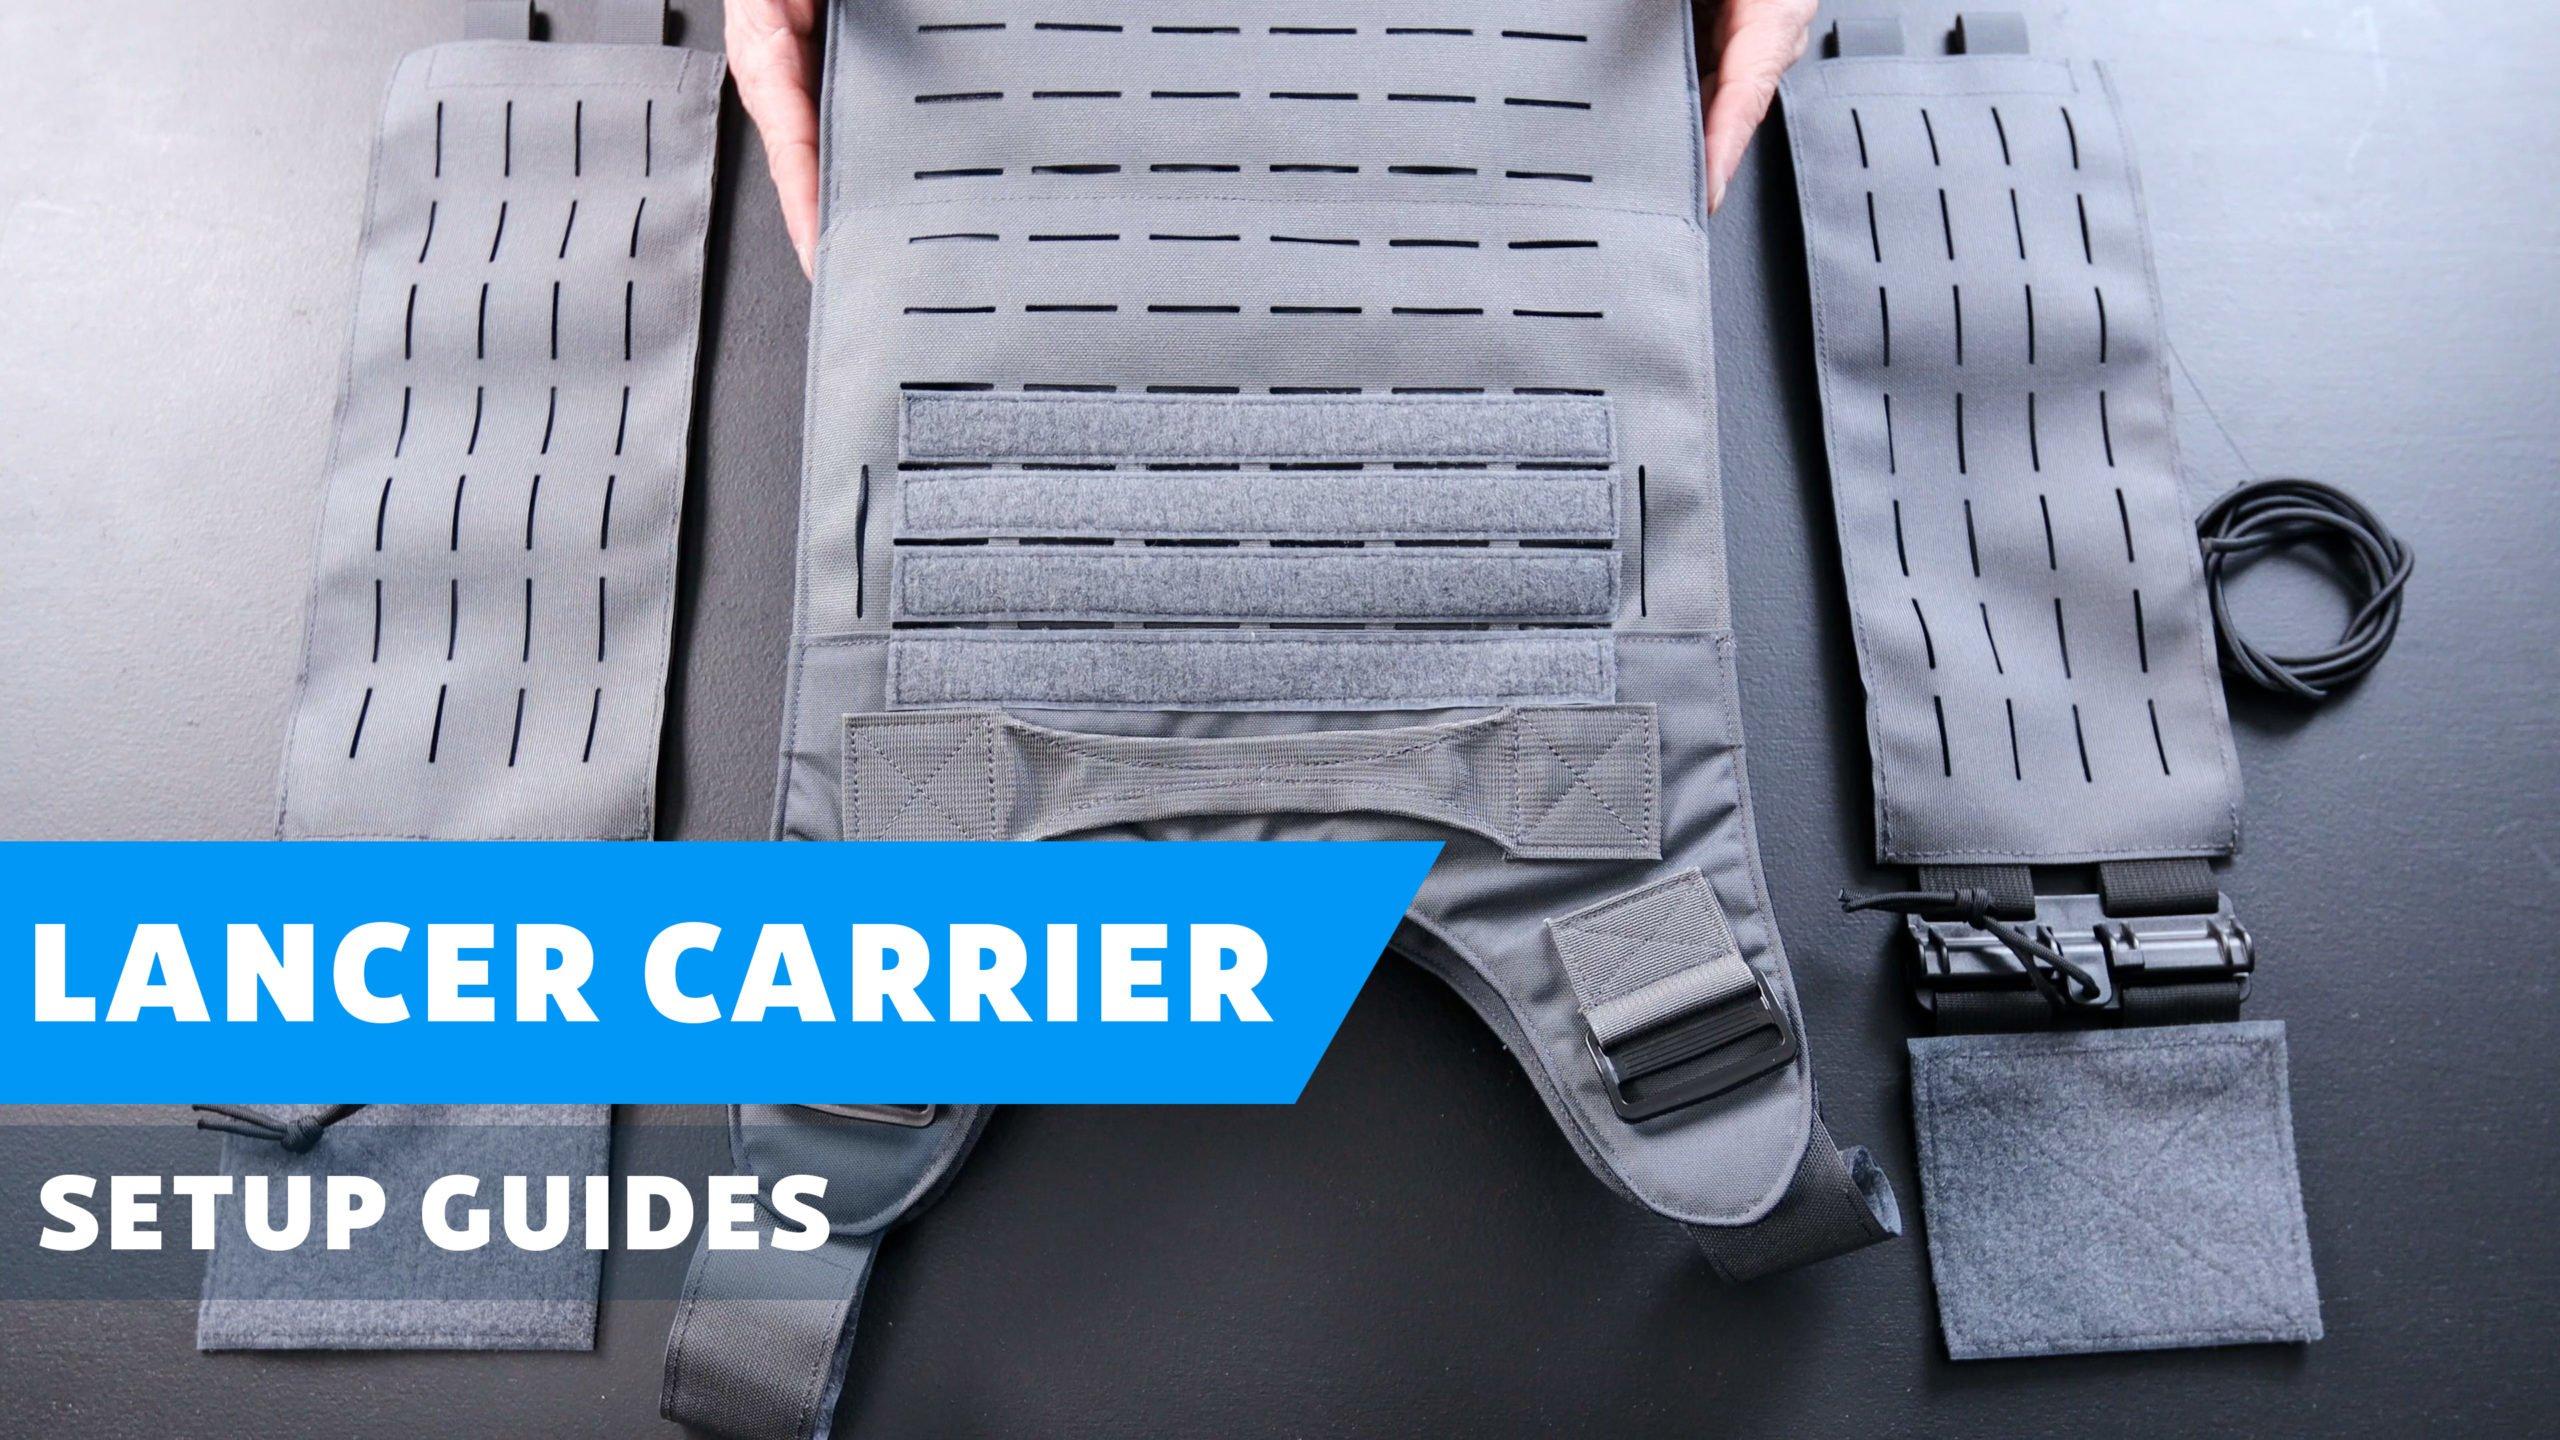 Lancer Carrier Setup Guide